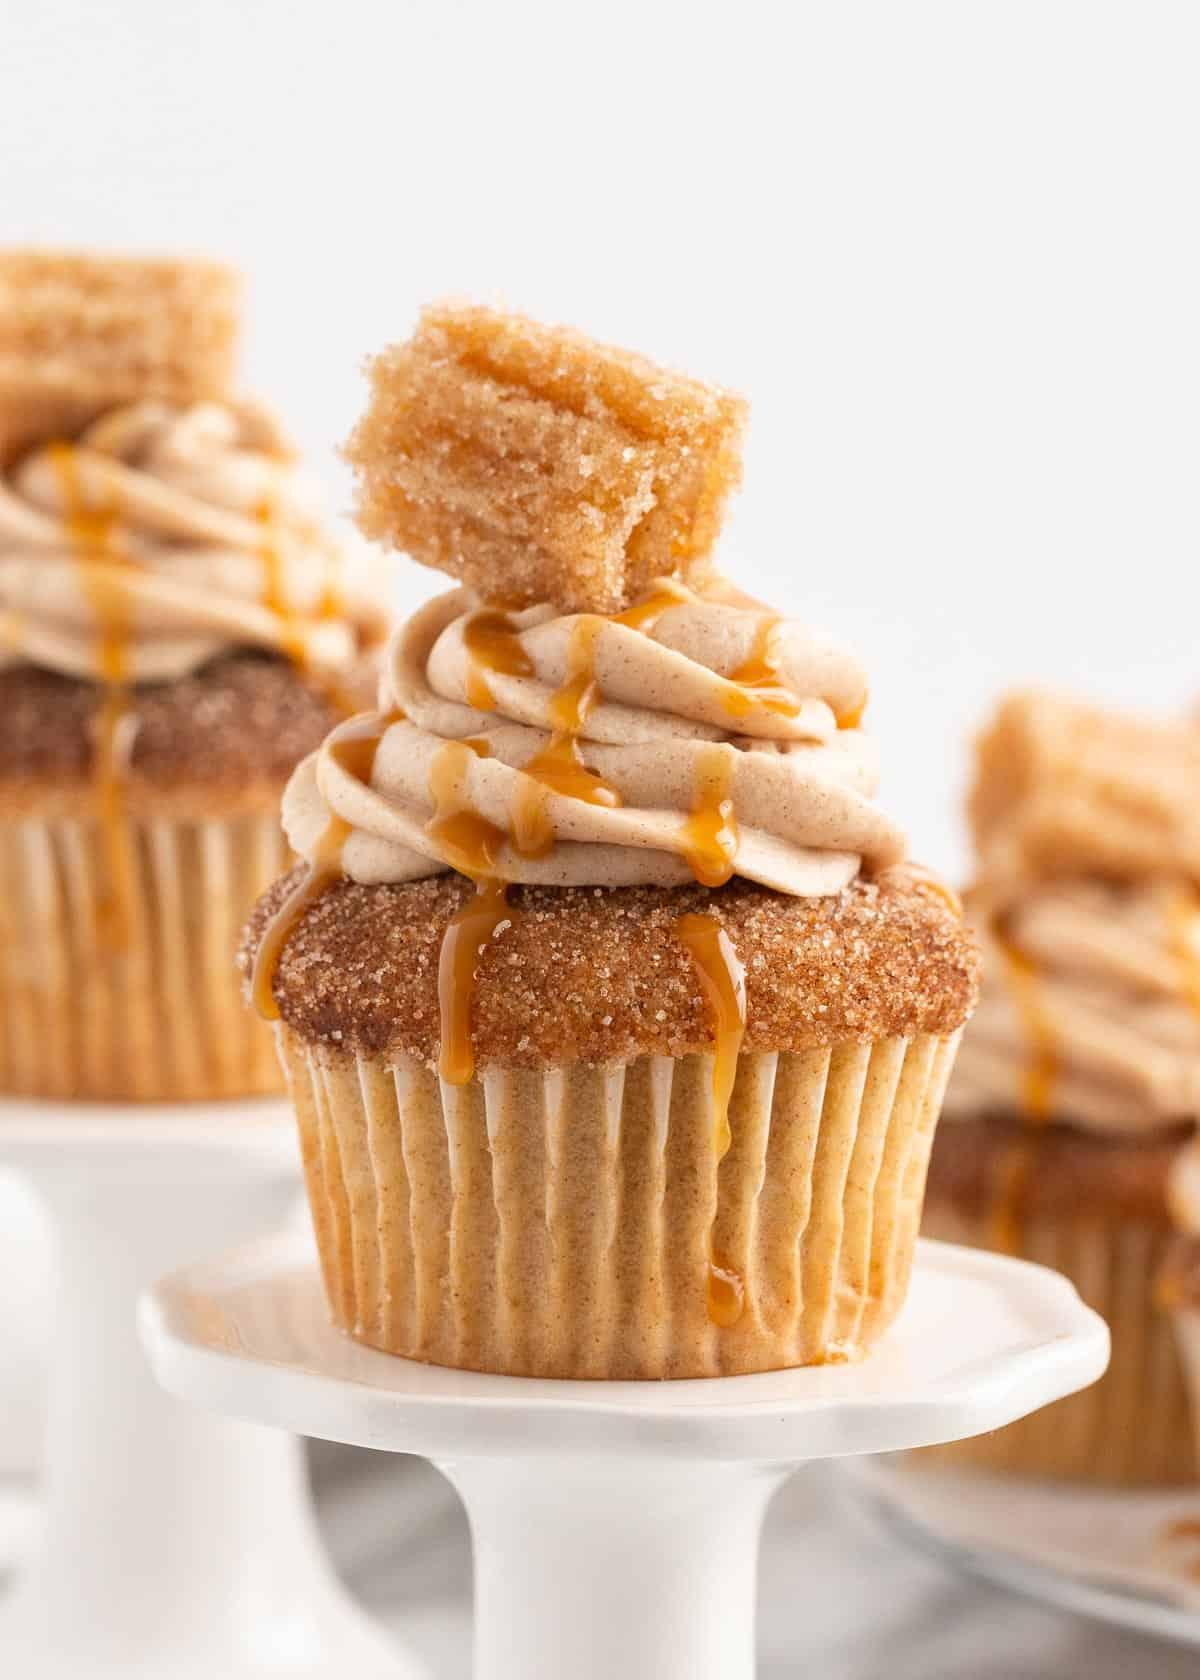 https://www.iheartnaptime.net/wp-content/uploads/2021/04/IHeartNaptime-churro-cupcakes-5.jpg